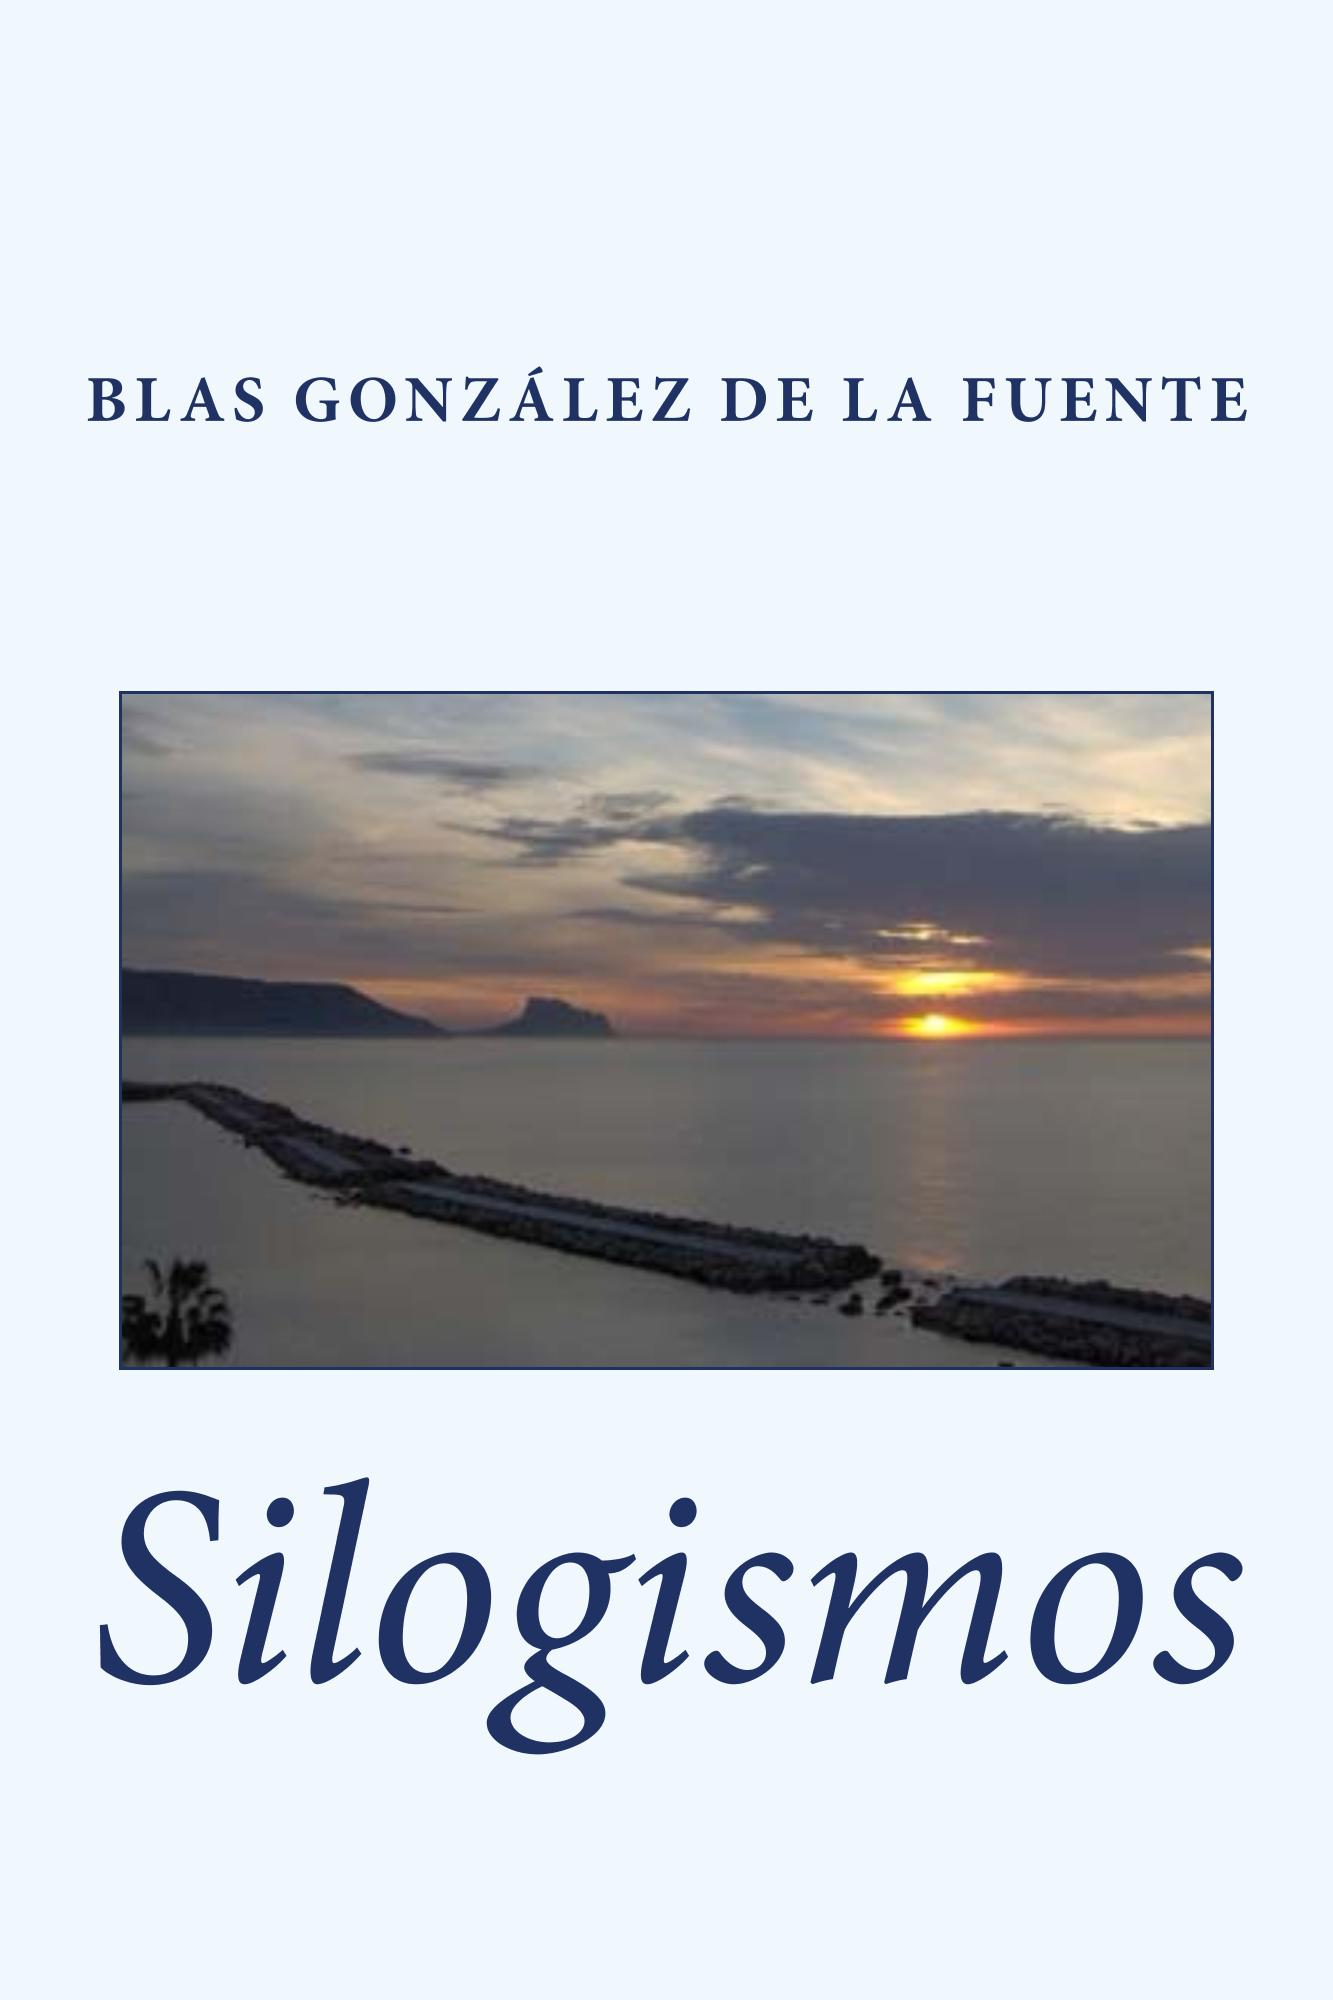 Silogismos, libro de poemas de Blas González de la Fuente